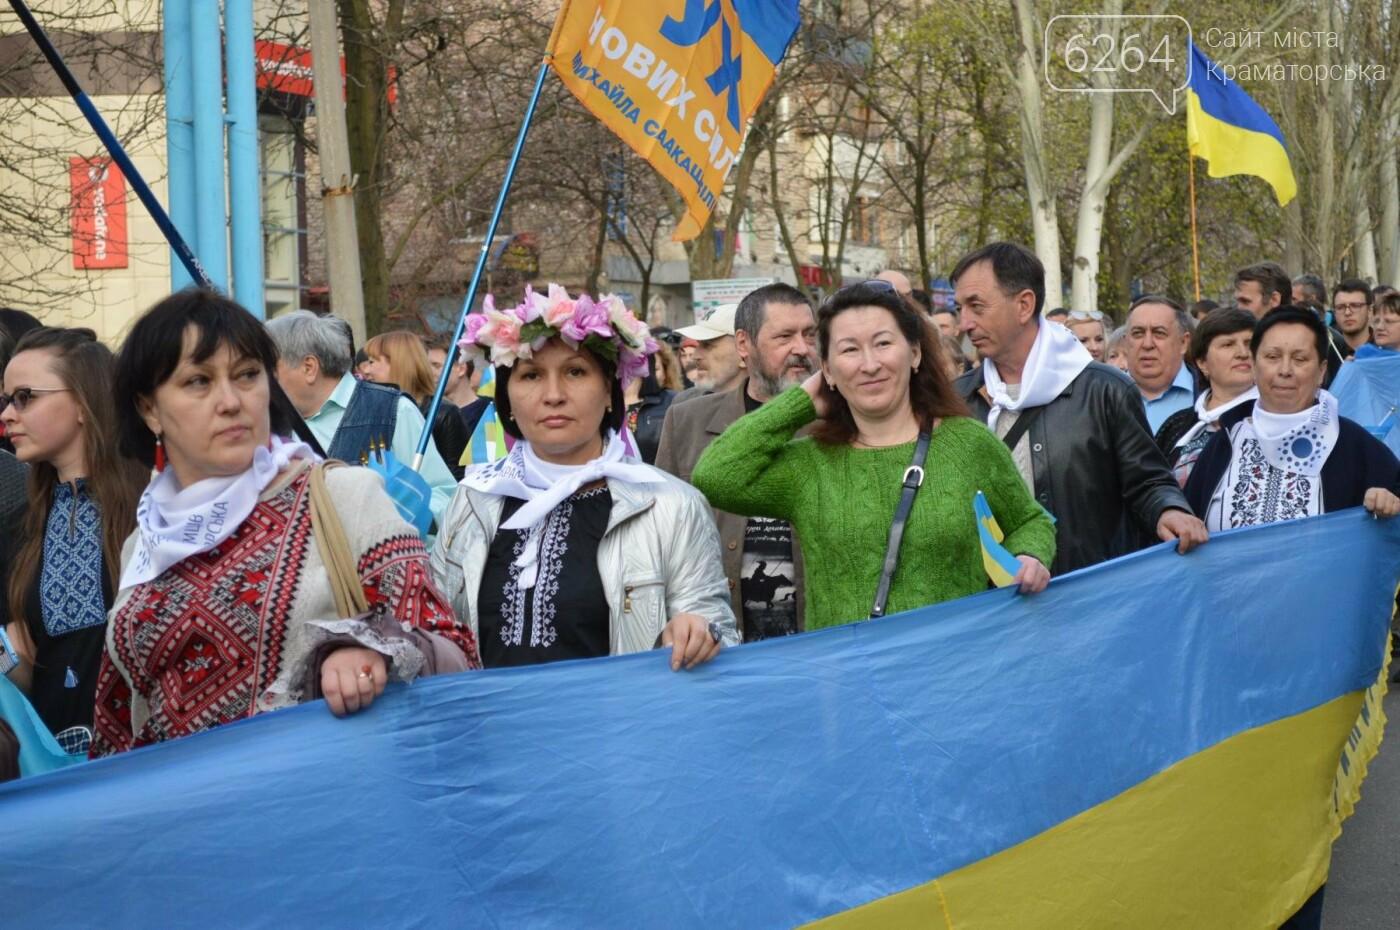 «Хай пам'ятає кремлівська тварина: Краматорськ – це Україна»: центром міста пройшов марш єдності, фото-1